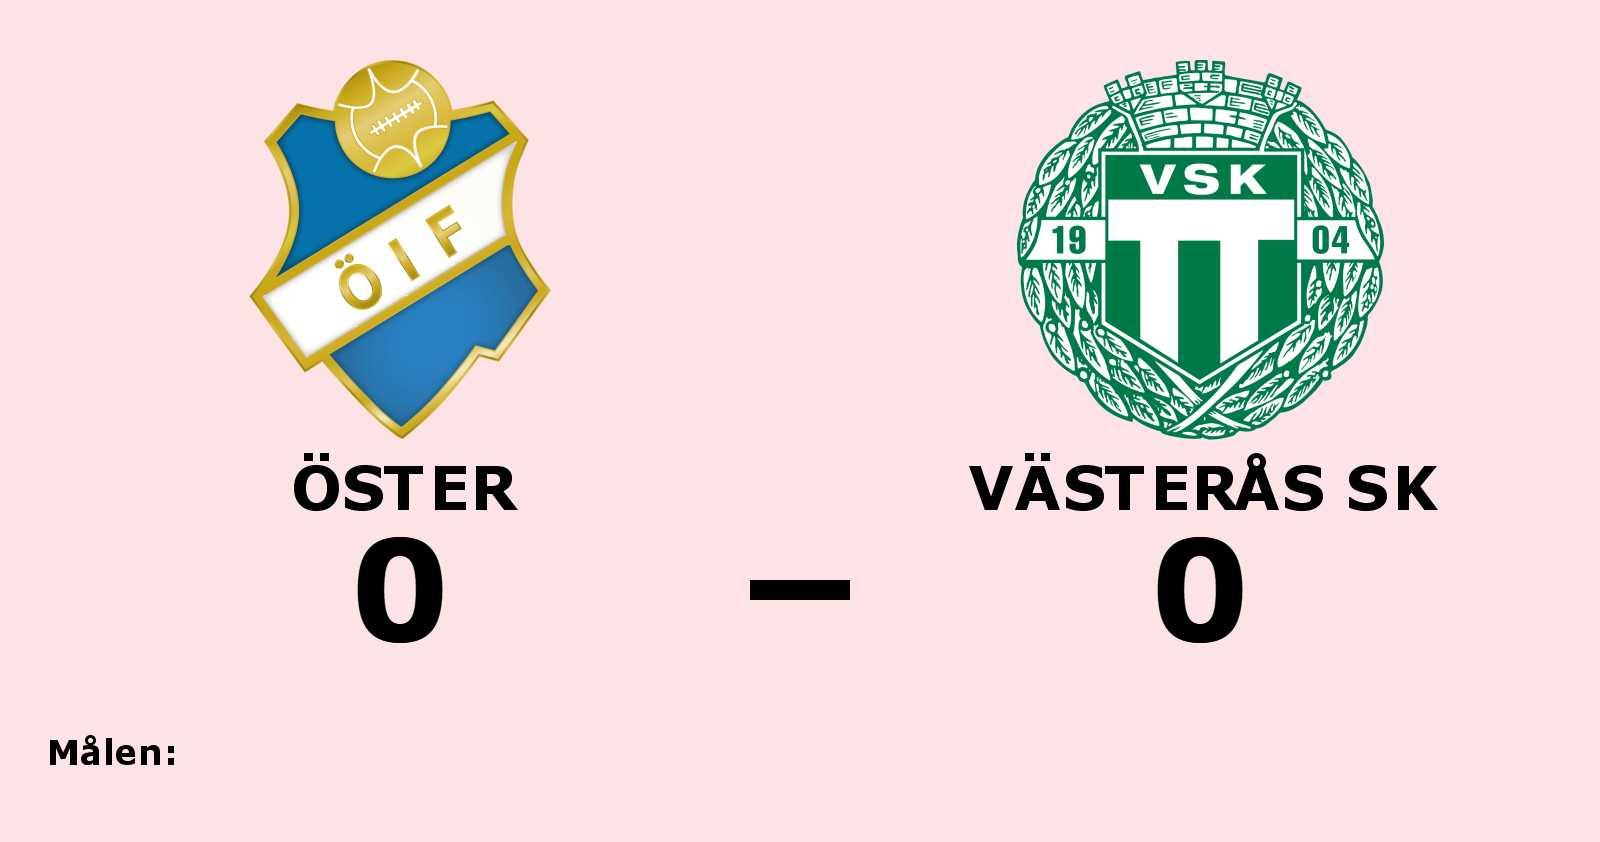 Mållöst mellan Öster och Västerås SK